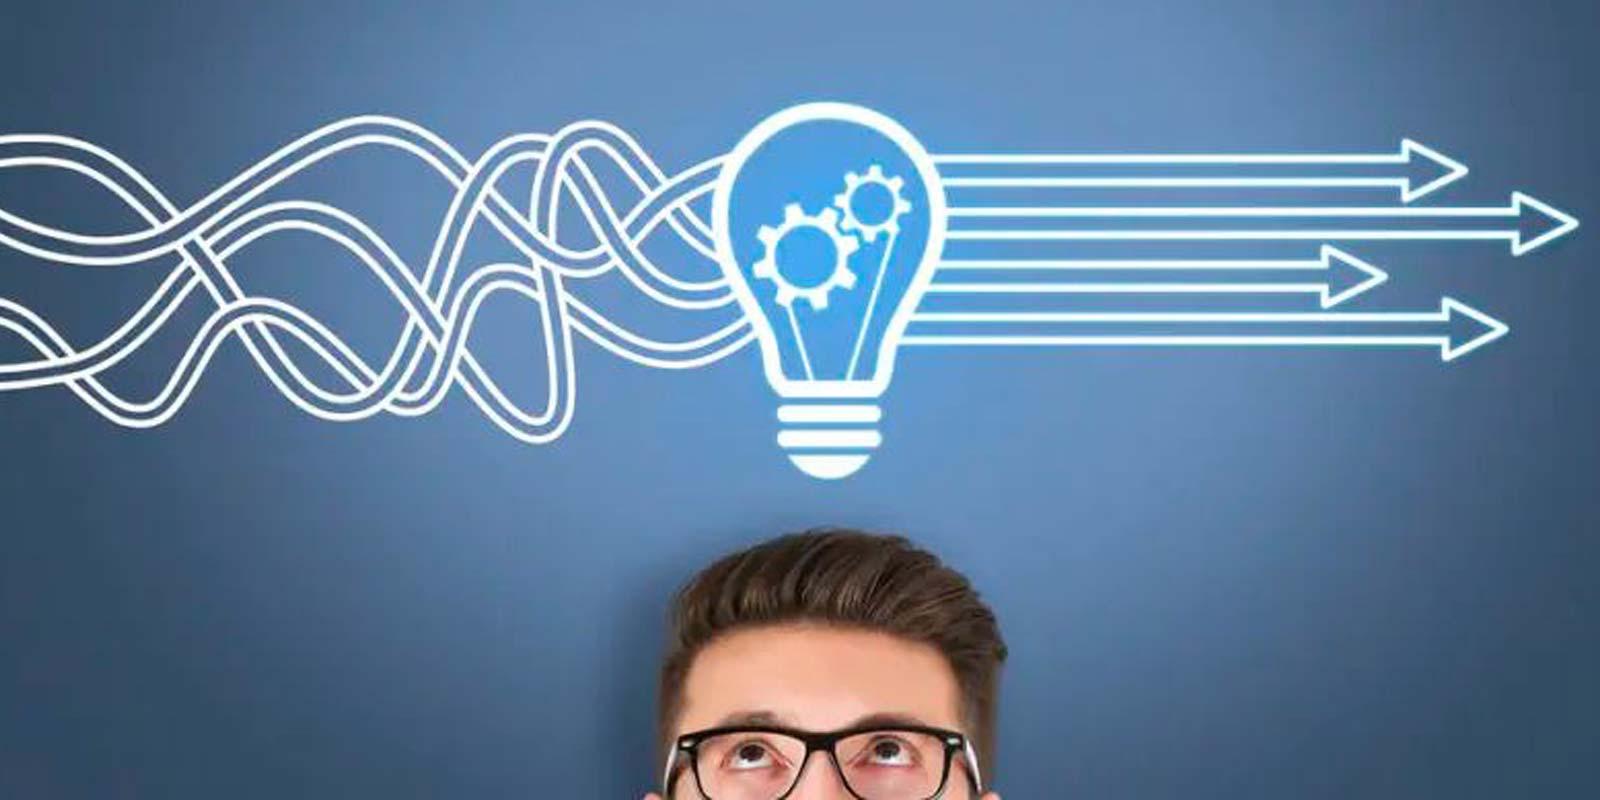 ثبت اختراع | شرایط، مراحل و مدارک ثبت اختراع